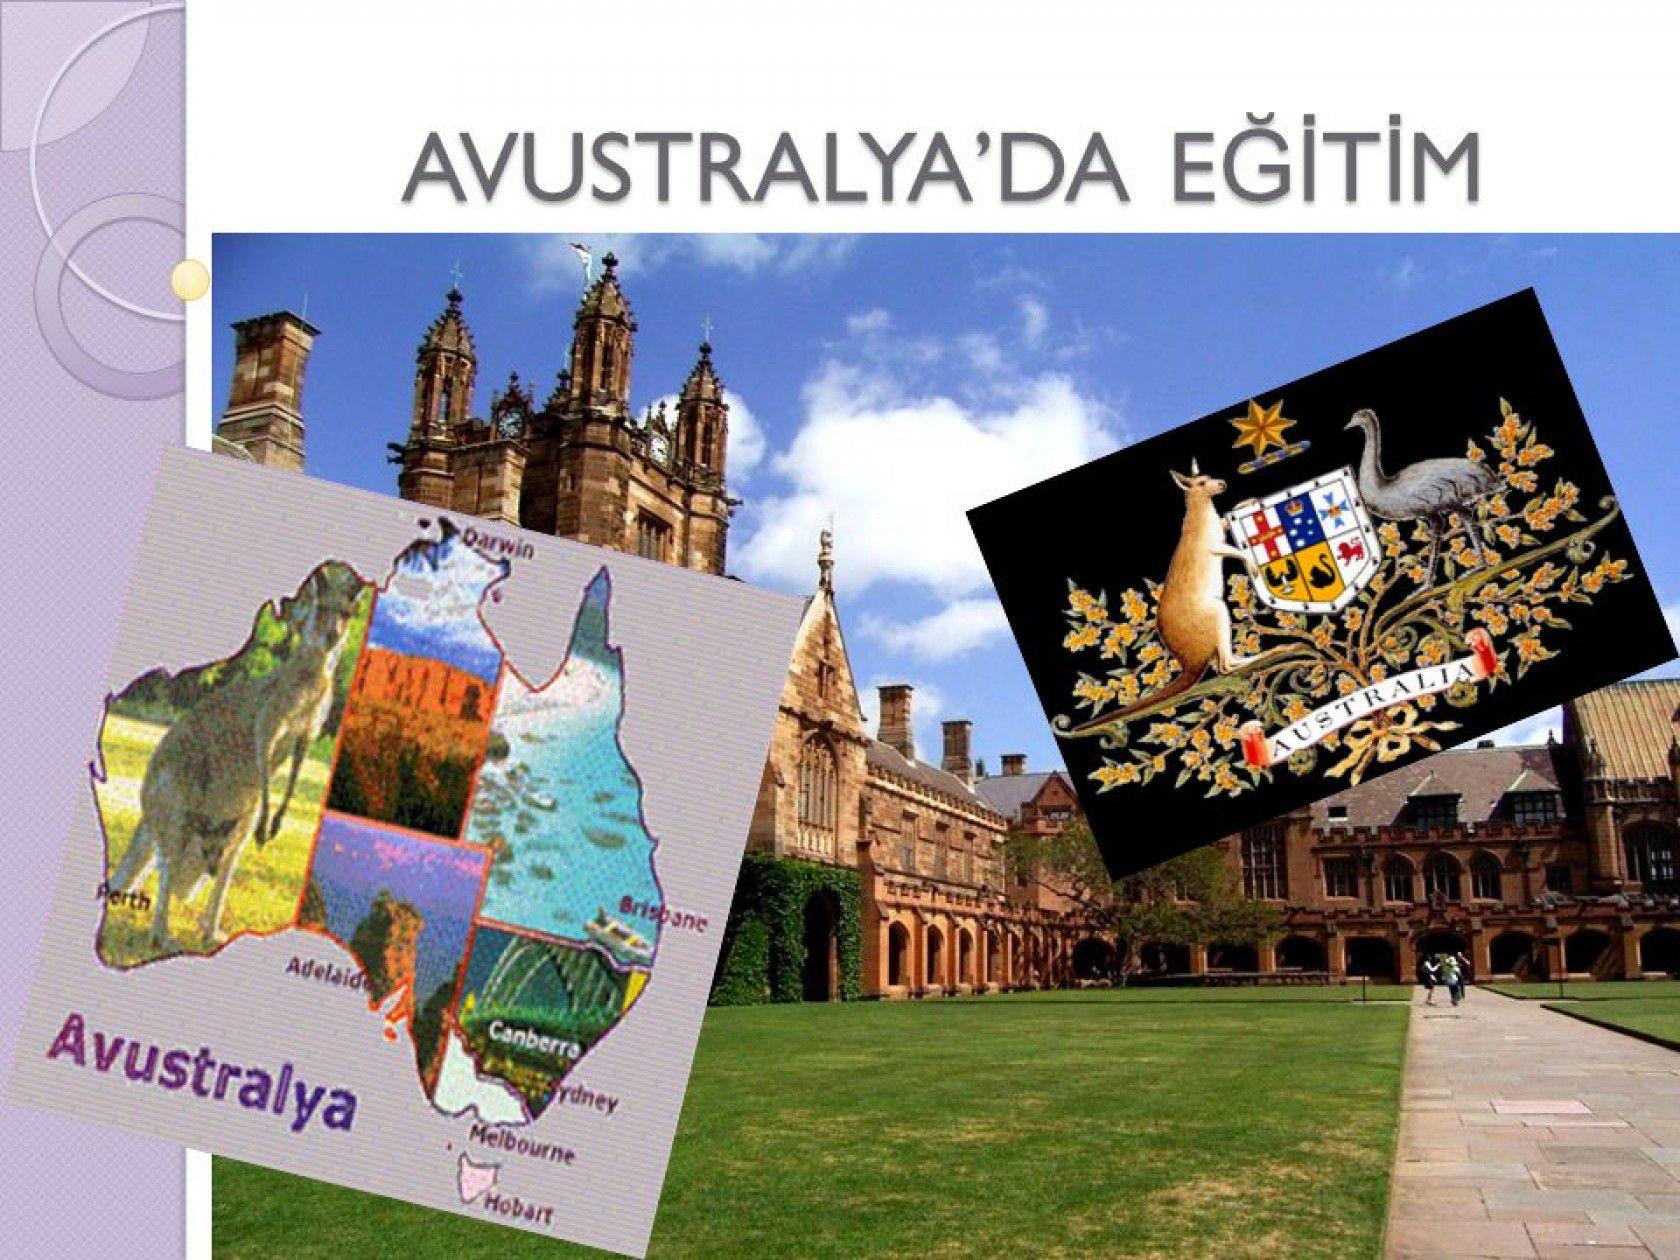 Avustralya'da ortaokul eğitimi program detayları nasıldır?